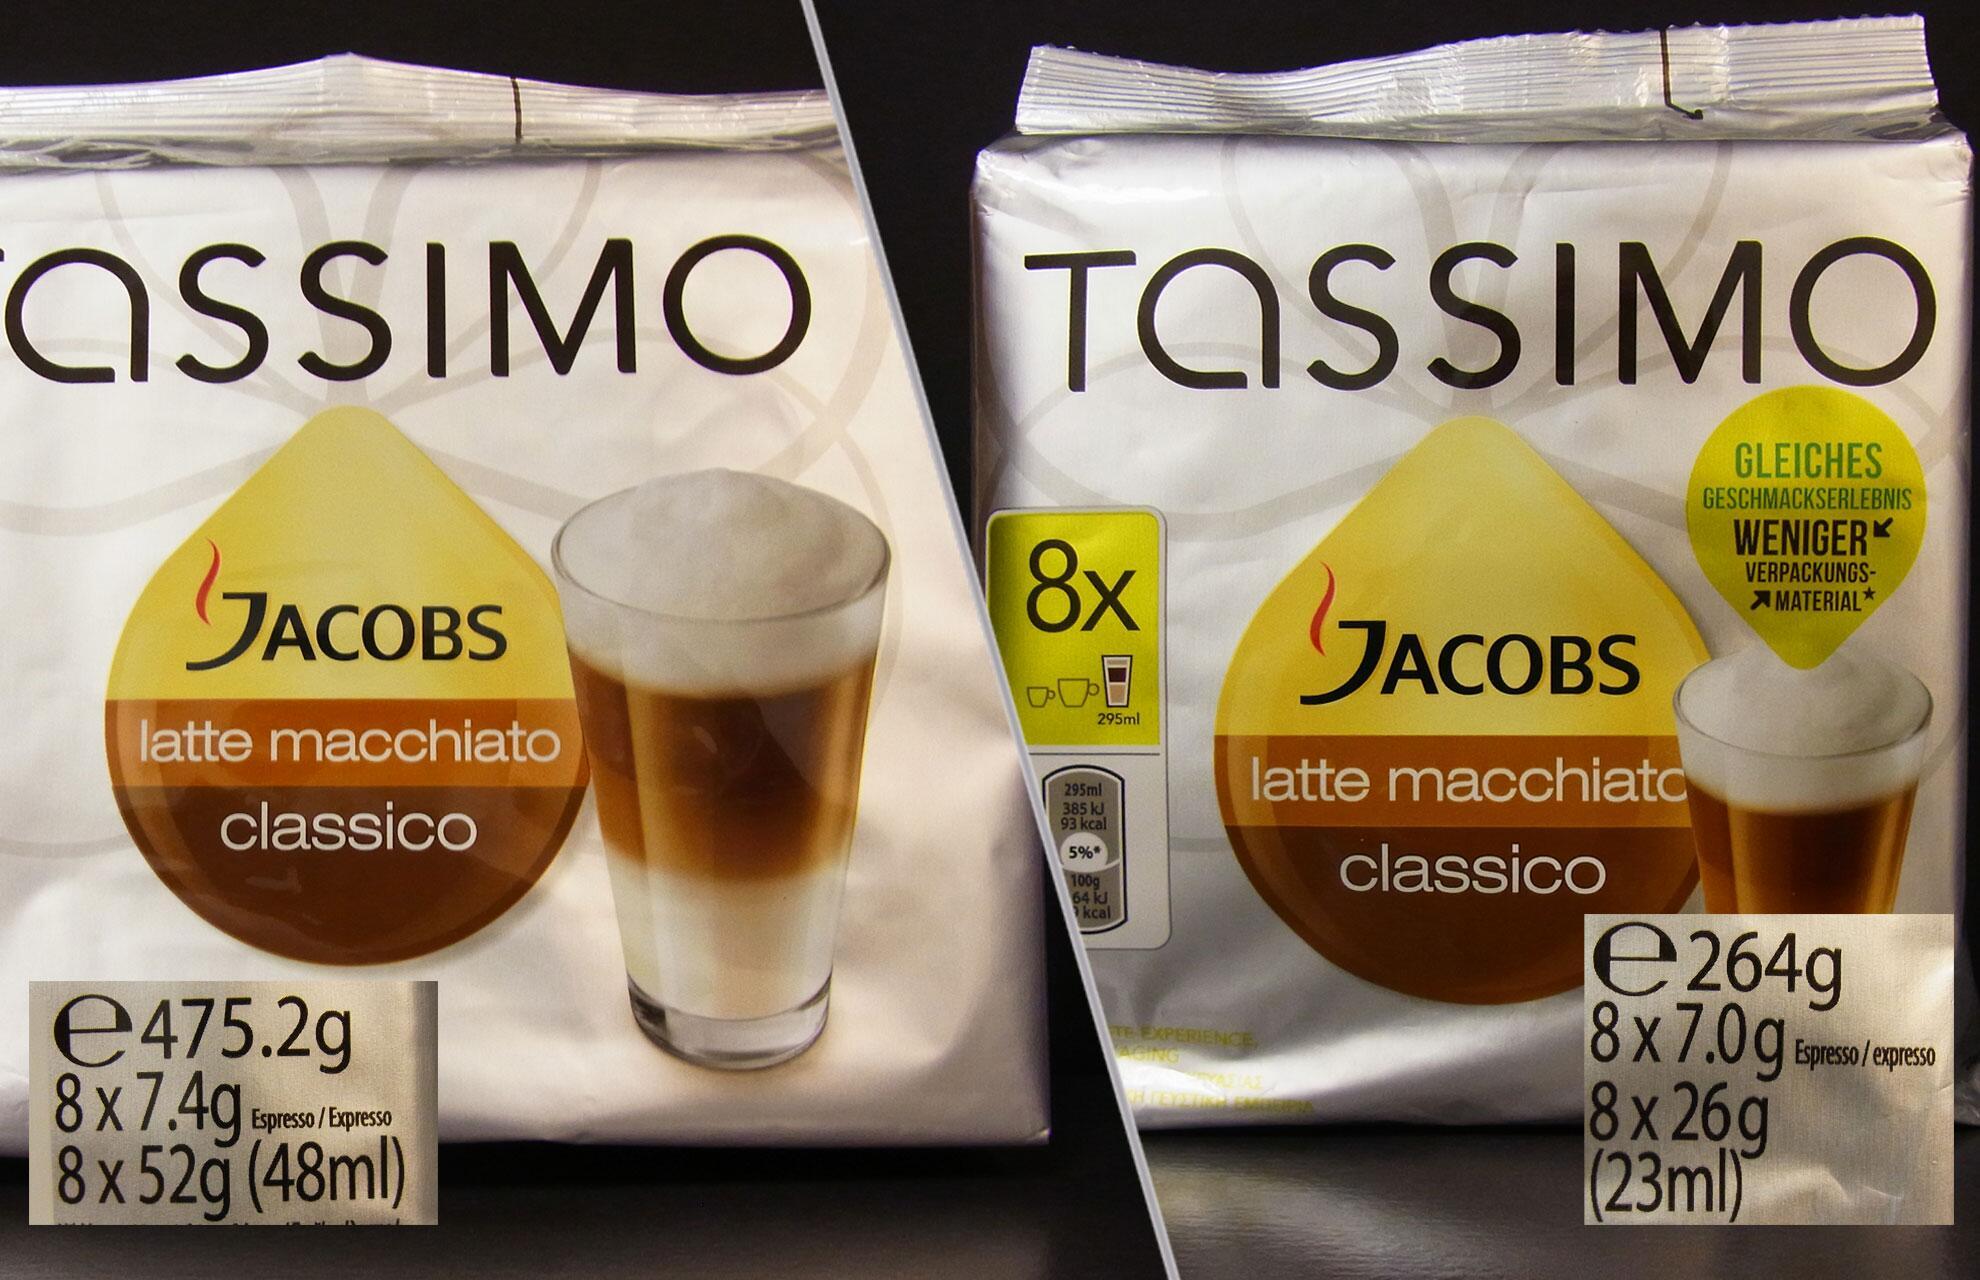 Bild zu Tassimo Jacobs Latte Macchiato Classico